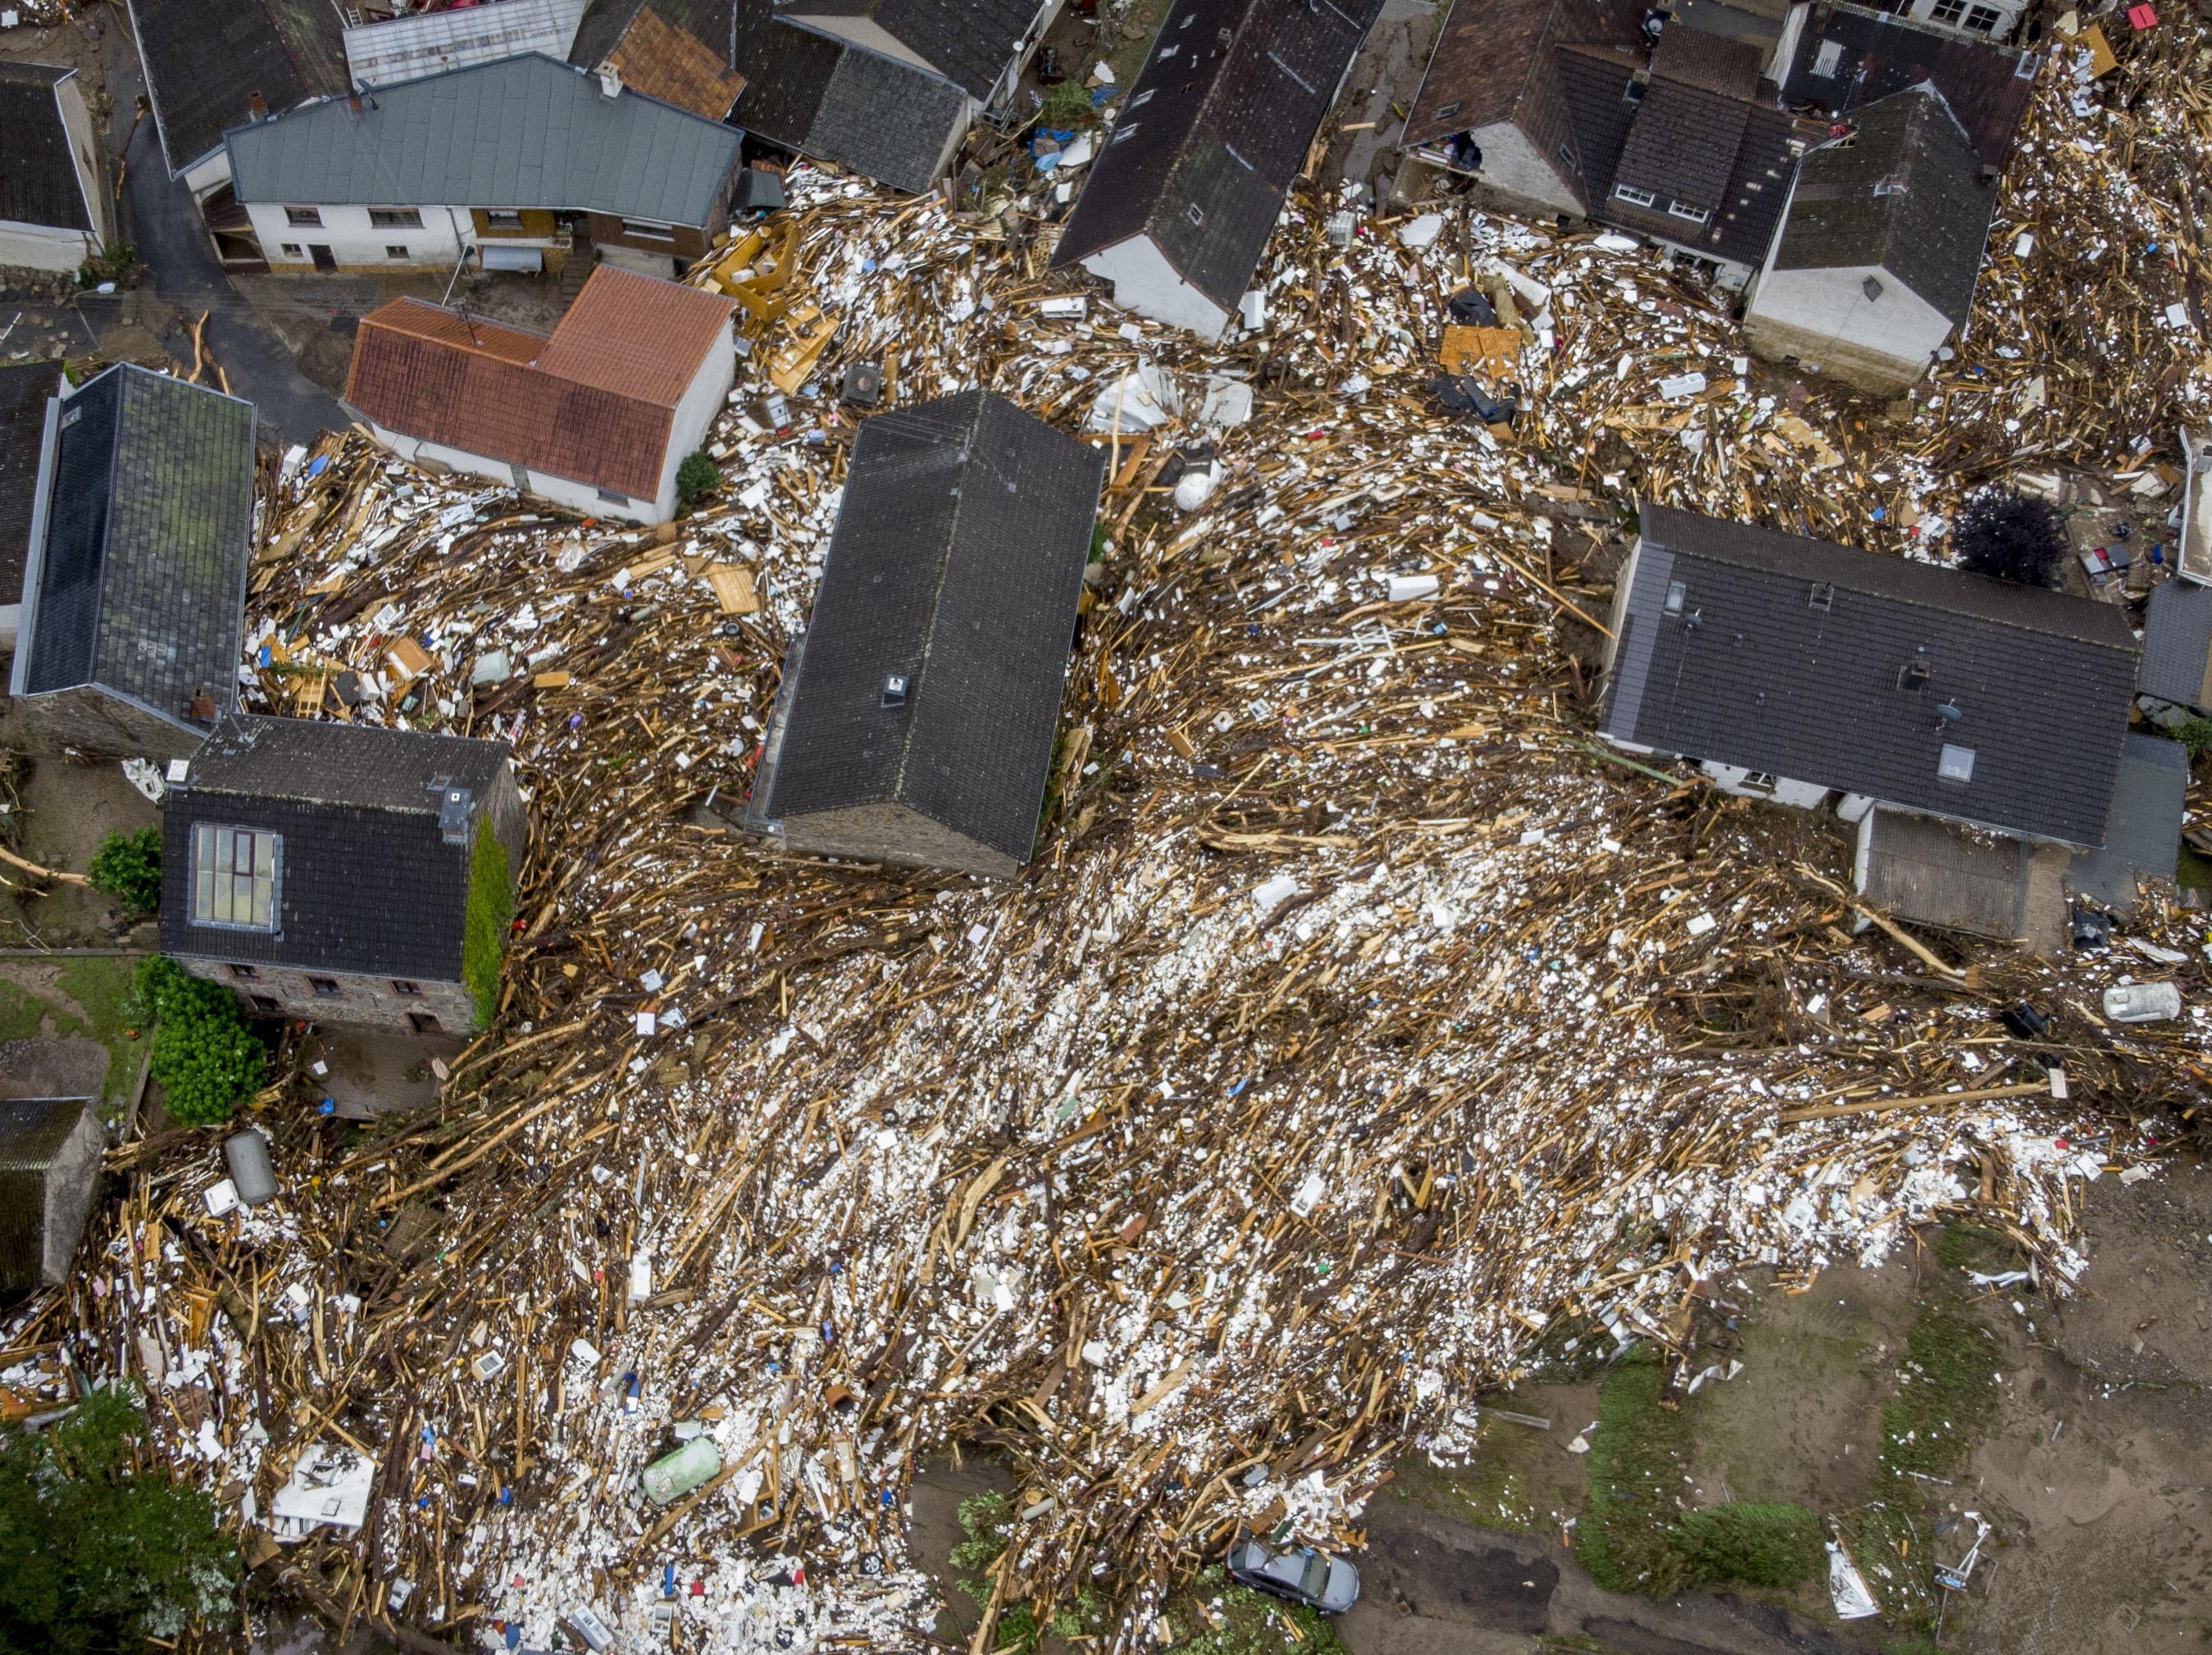 बारिश थमने के बाद कई घरों के आसपास कचरे का ढेर जमा हो गया। अब इससे आने वाली बदबू से लोगों में बीमारियां फैलने का खतरा है।